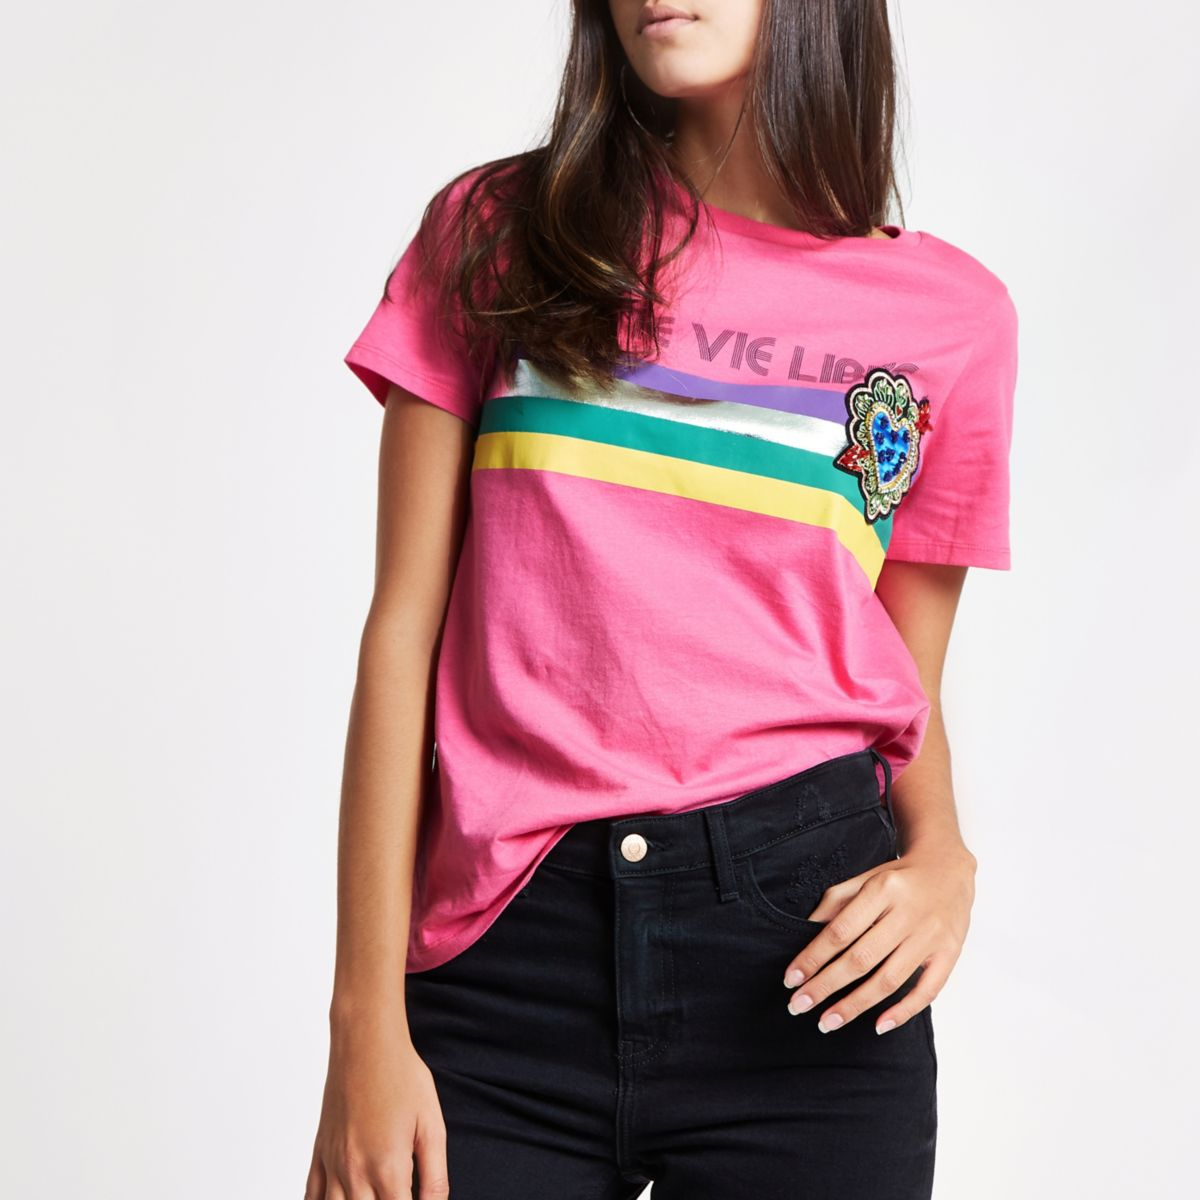 Roze T-shirt met broche en 'Une vie'-print